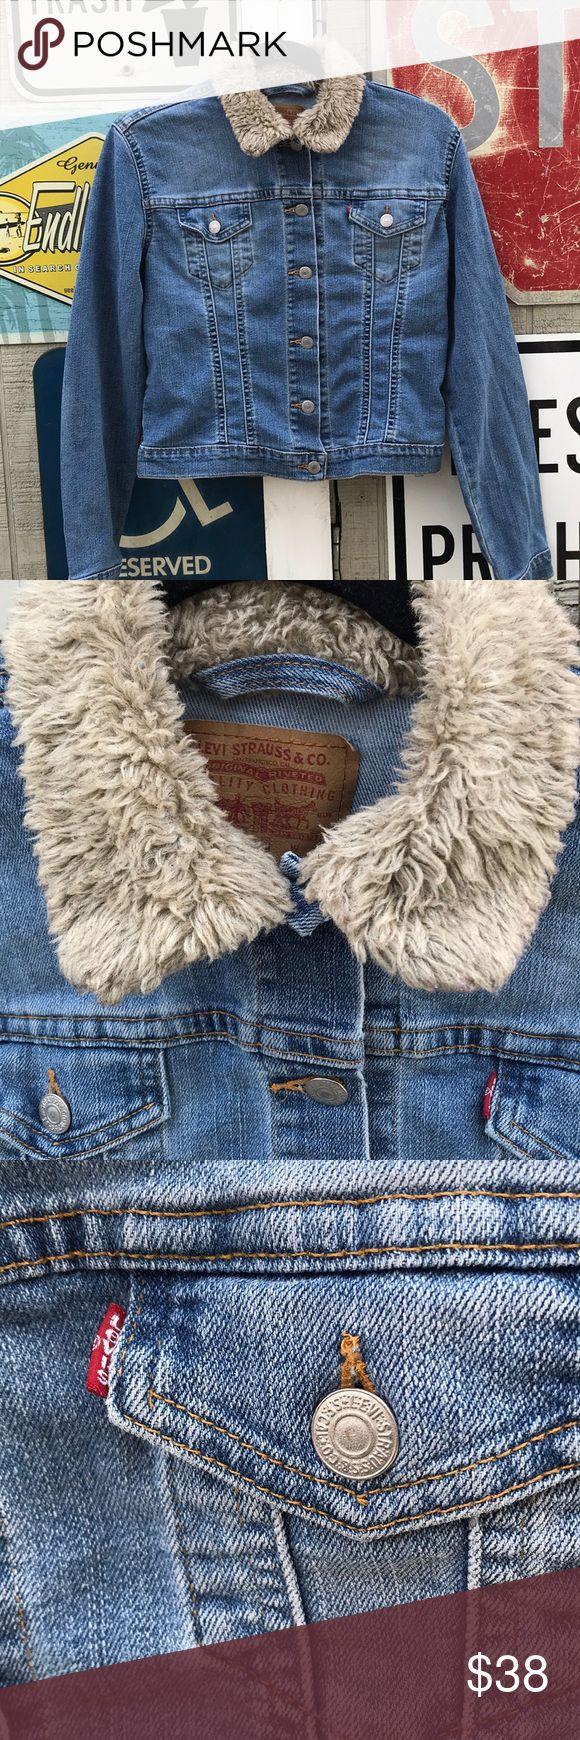 Vintage Levi's faux fur collar jacket Authentic vintage Levi's light blue denim blend jacket. Women's Medium- fits like a small. Light Beige faux fur collar/ signature Levi's 6 button front. Pre-loved/vintage with no flaws. Message me for measurements! Levi's Jackets & Coats Jean Jackets